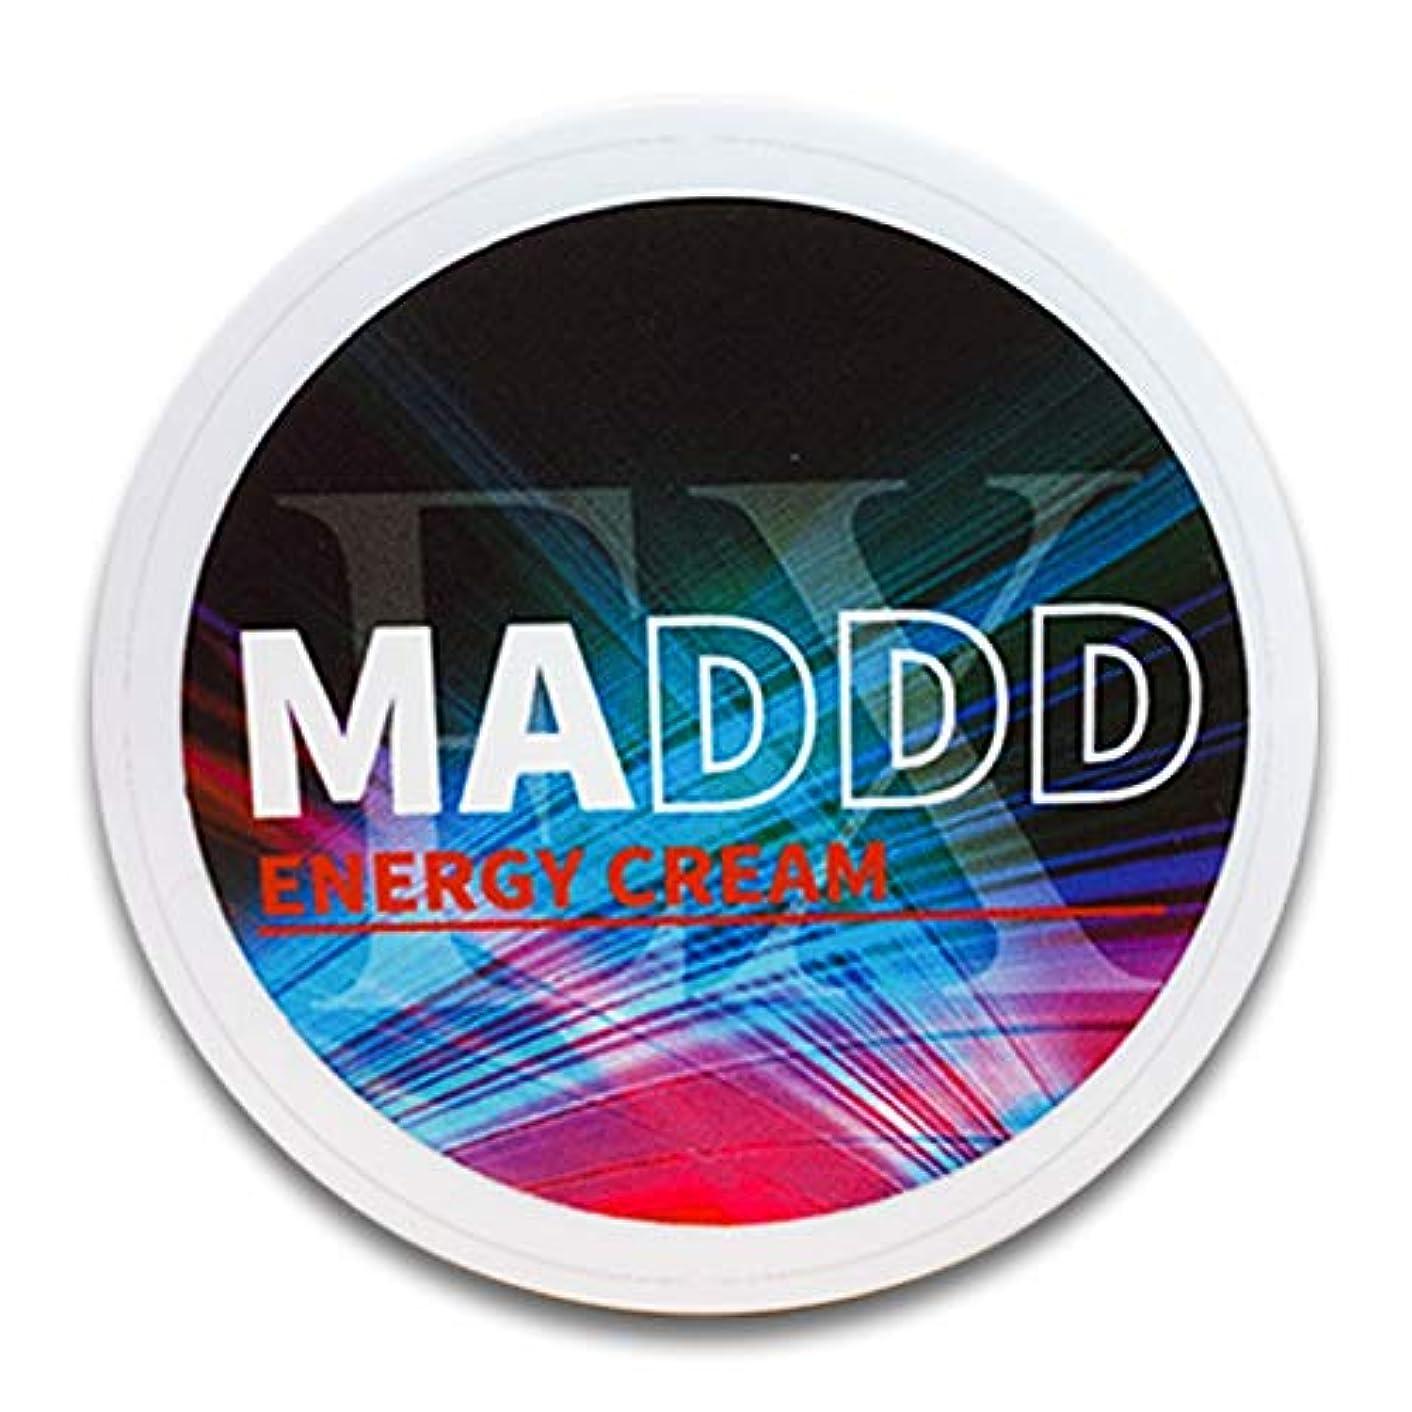 契約した拒絶まだMADDD EX 増大クリーム 自信 持続力 厳選成分 50g (単品購入)